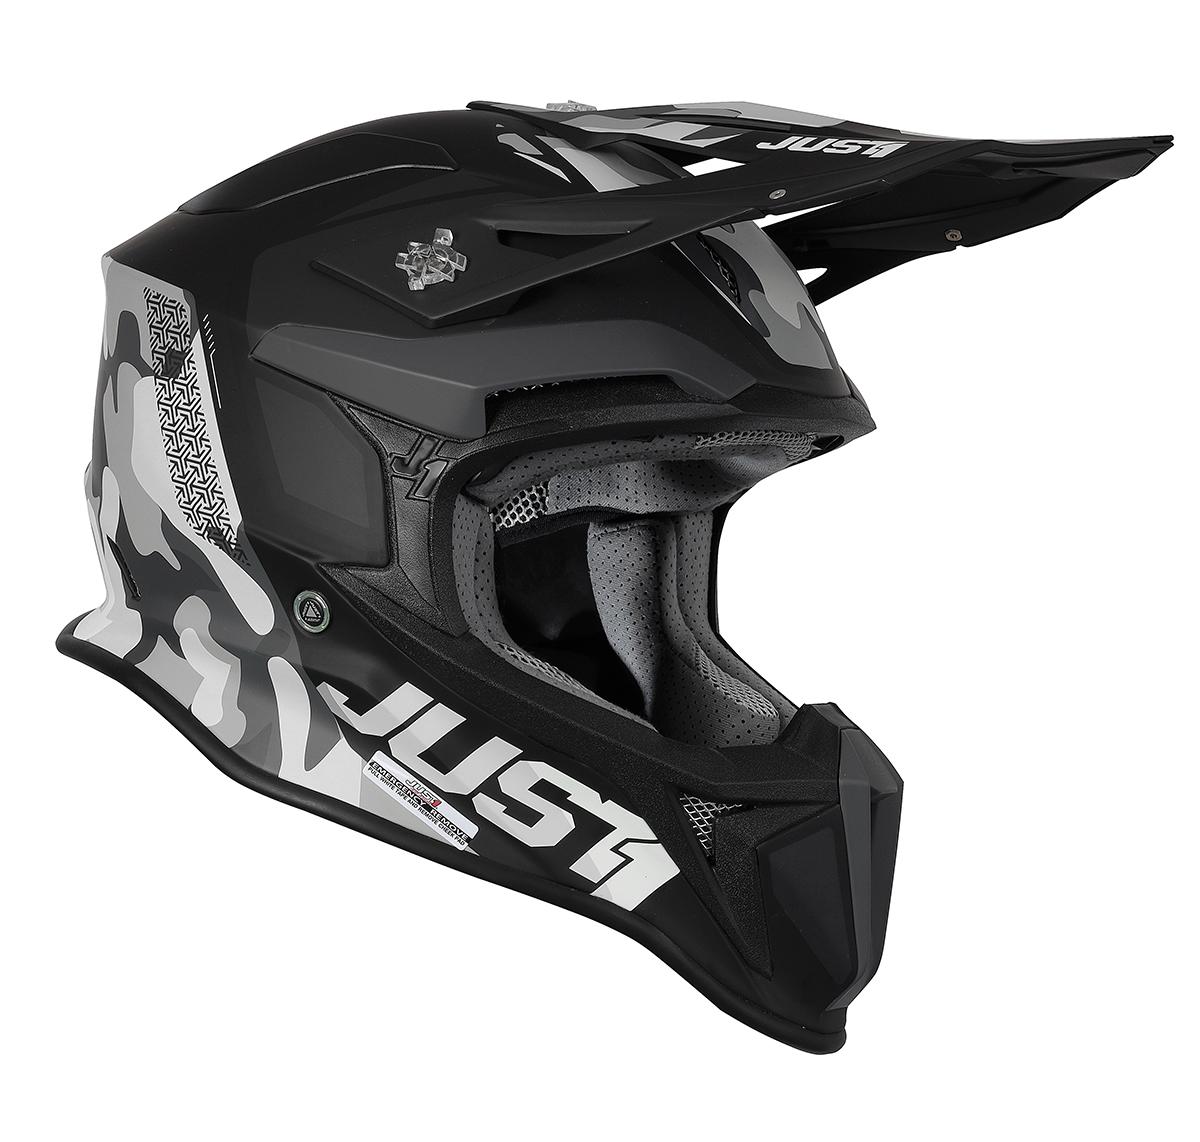 JUST1 Helmet J18 MIPS Pulsar Grey Camo/Black 60-L